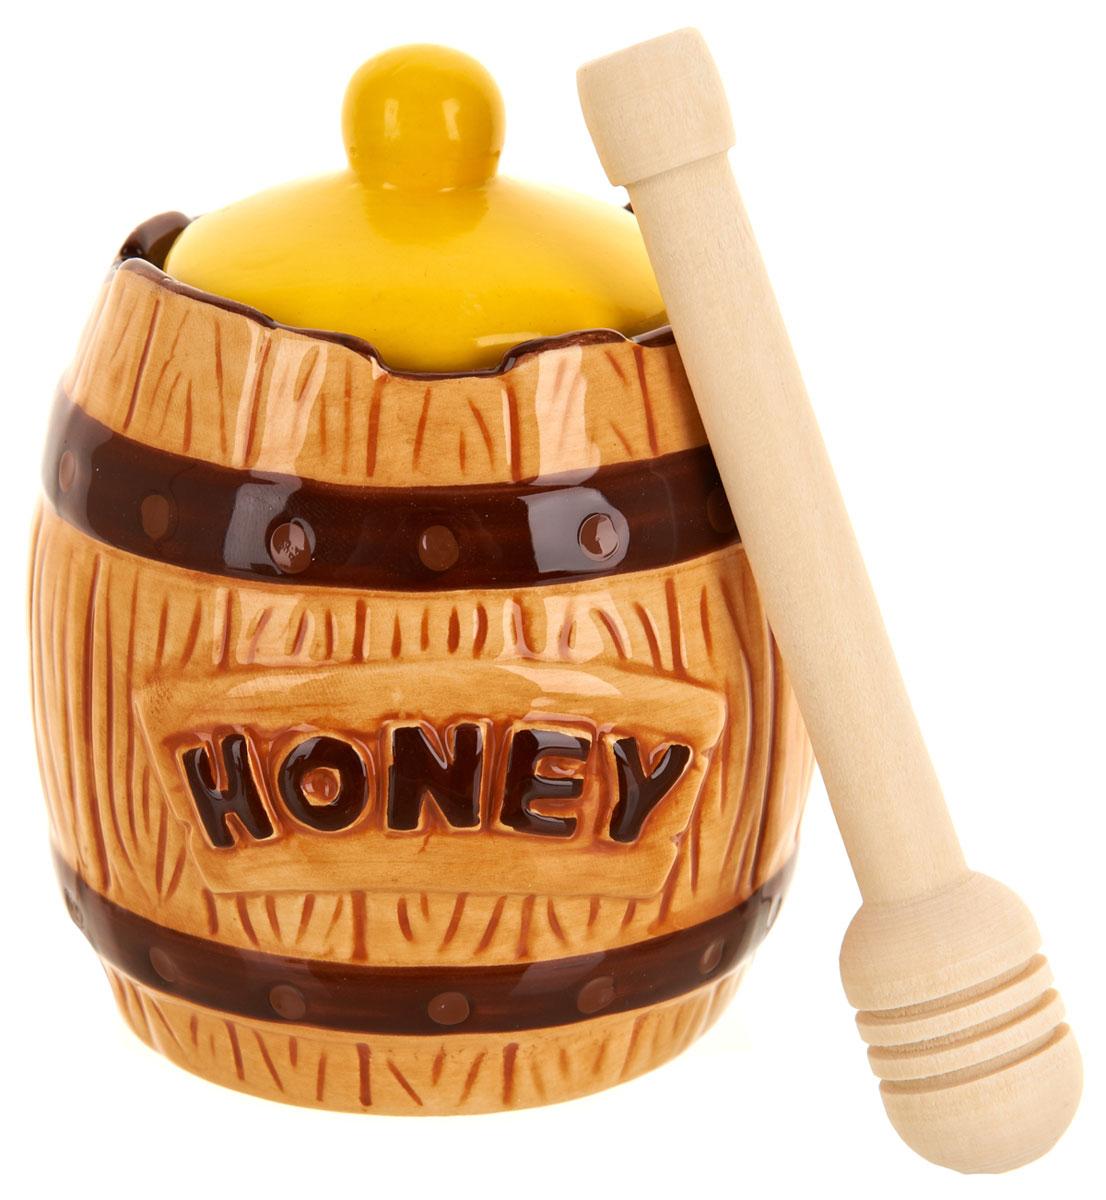 Банка для меда ENS Group Honey, с ложкой, 300 мл115510Банка для меда ENS Group Honey, выполненная из высококачественной керамики, украсит вашу кухню. Банка оснащена плотно закрывающейся крышкой. В комплект входит специальная деревянная ложечка.